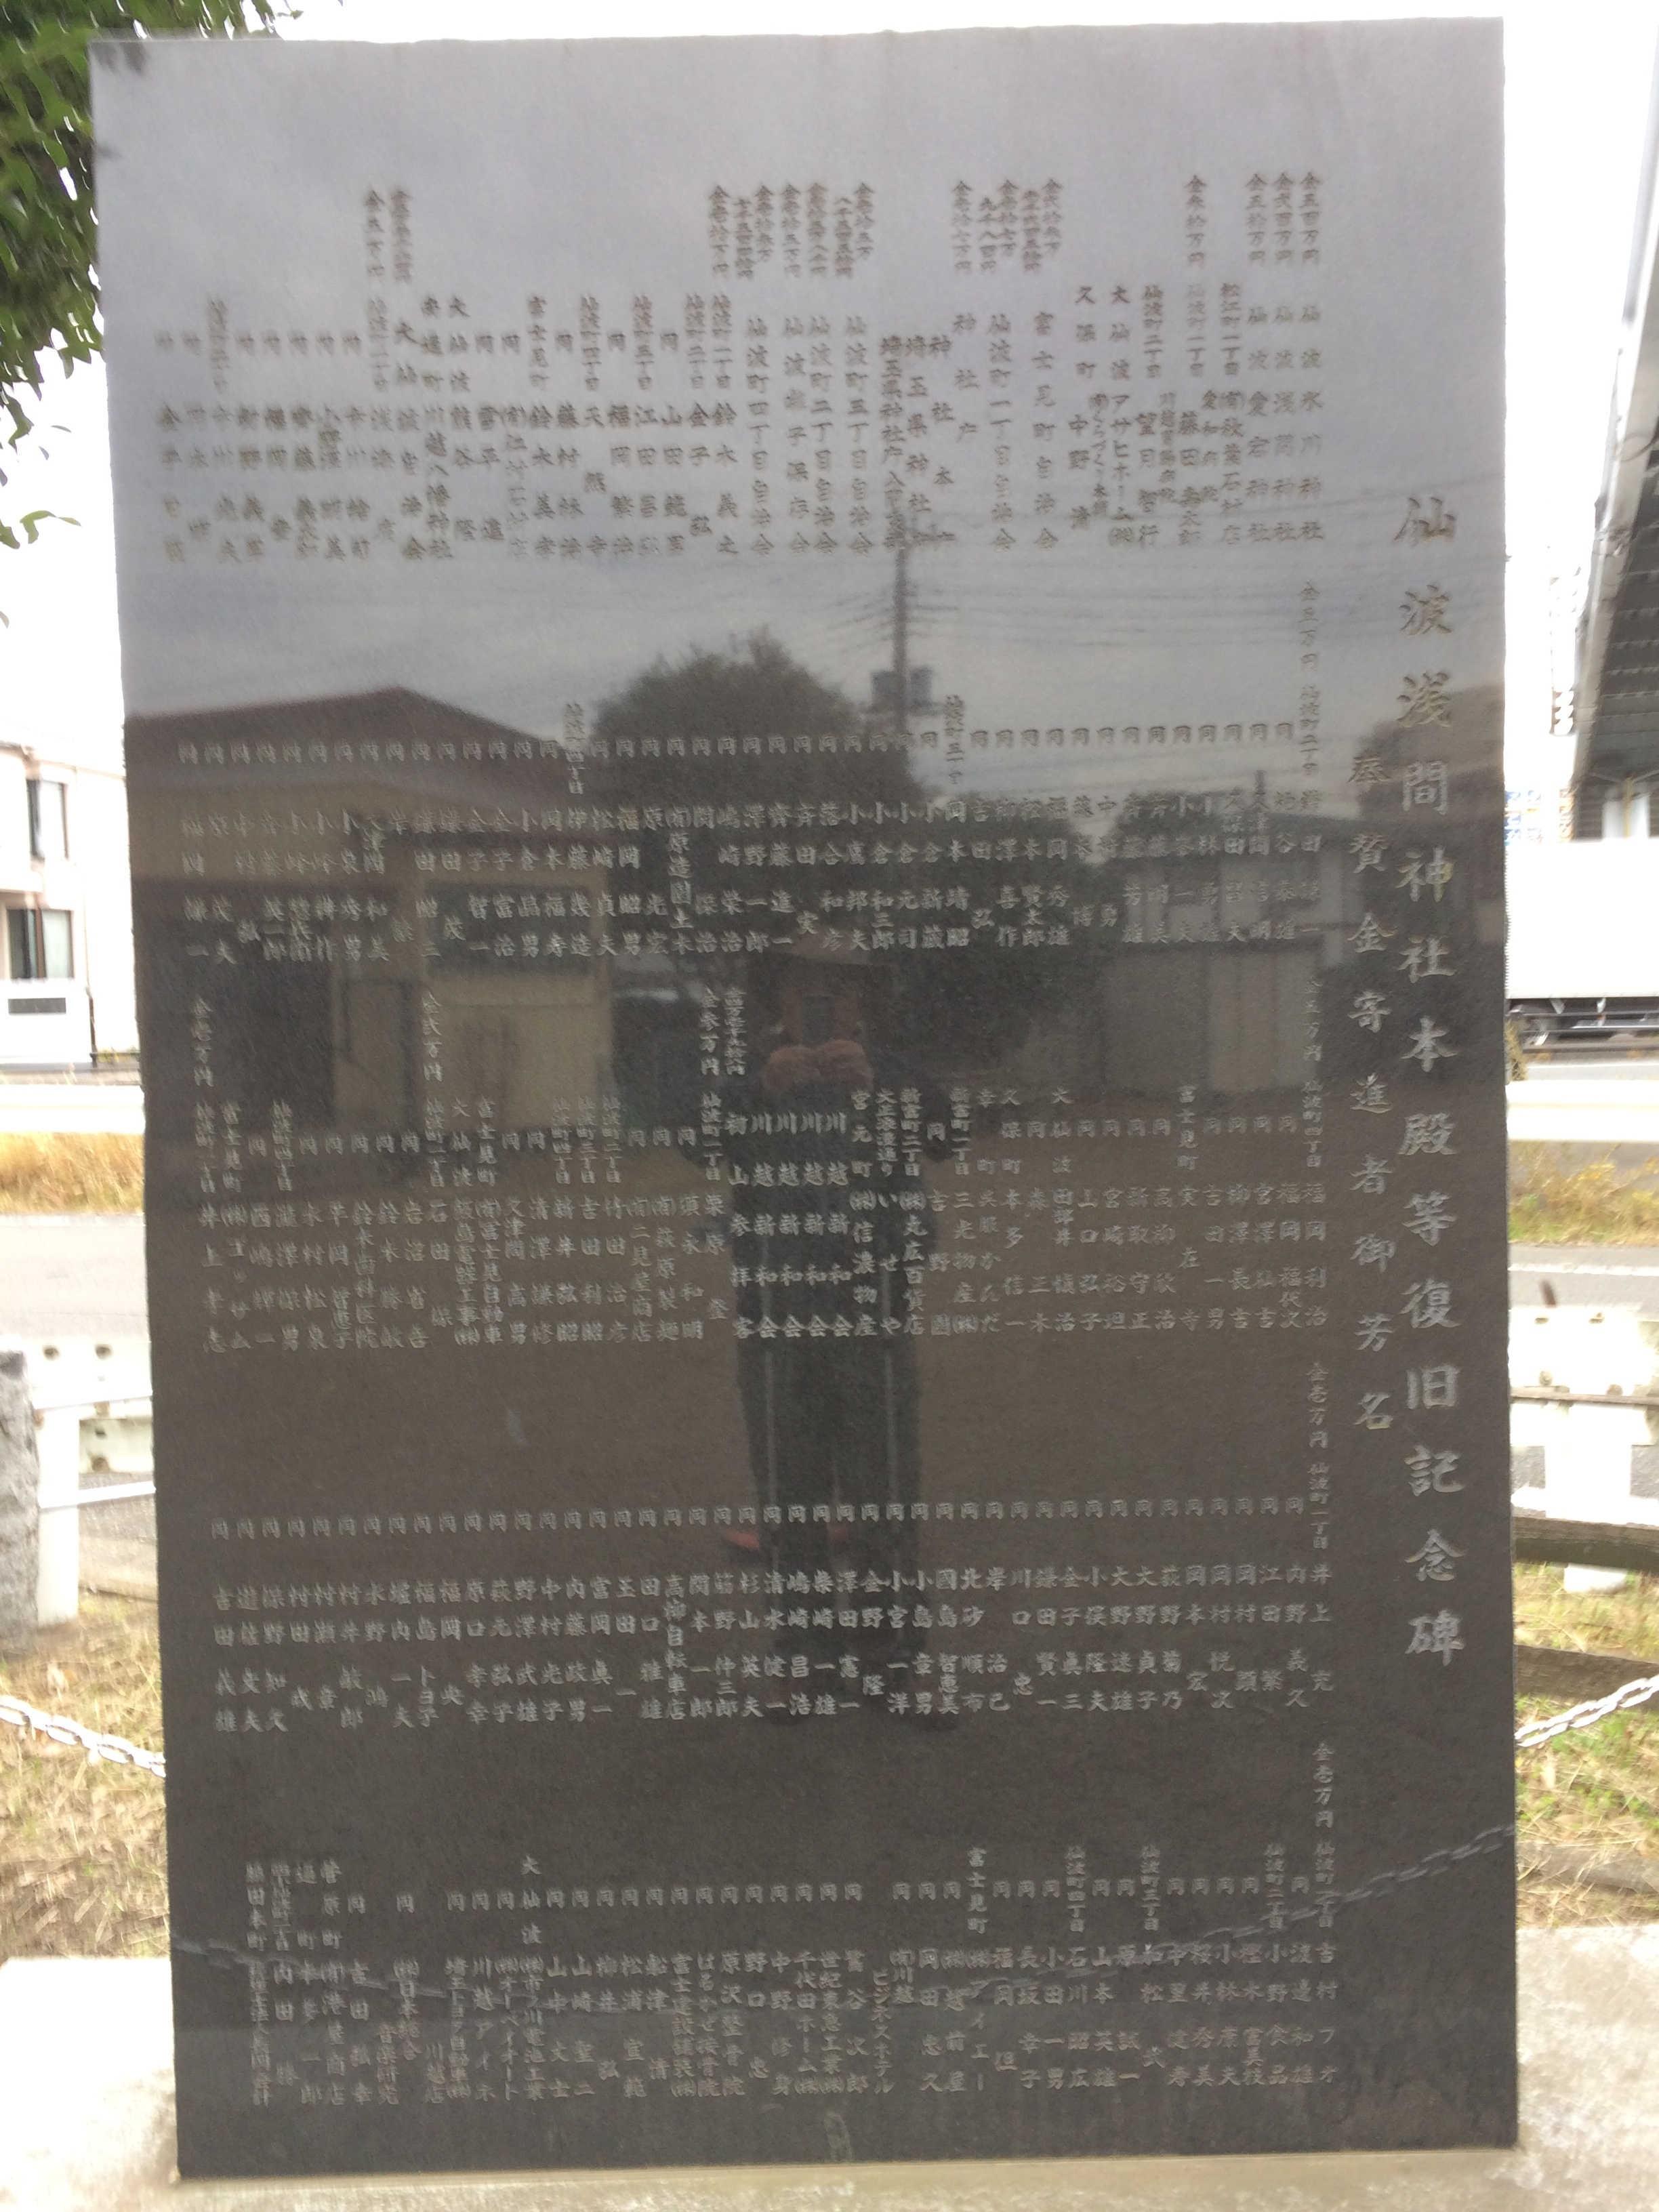 仙波浅間神社本殿等復旧記念碑